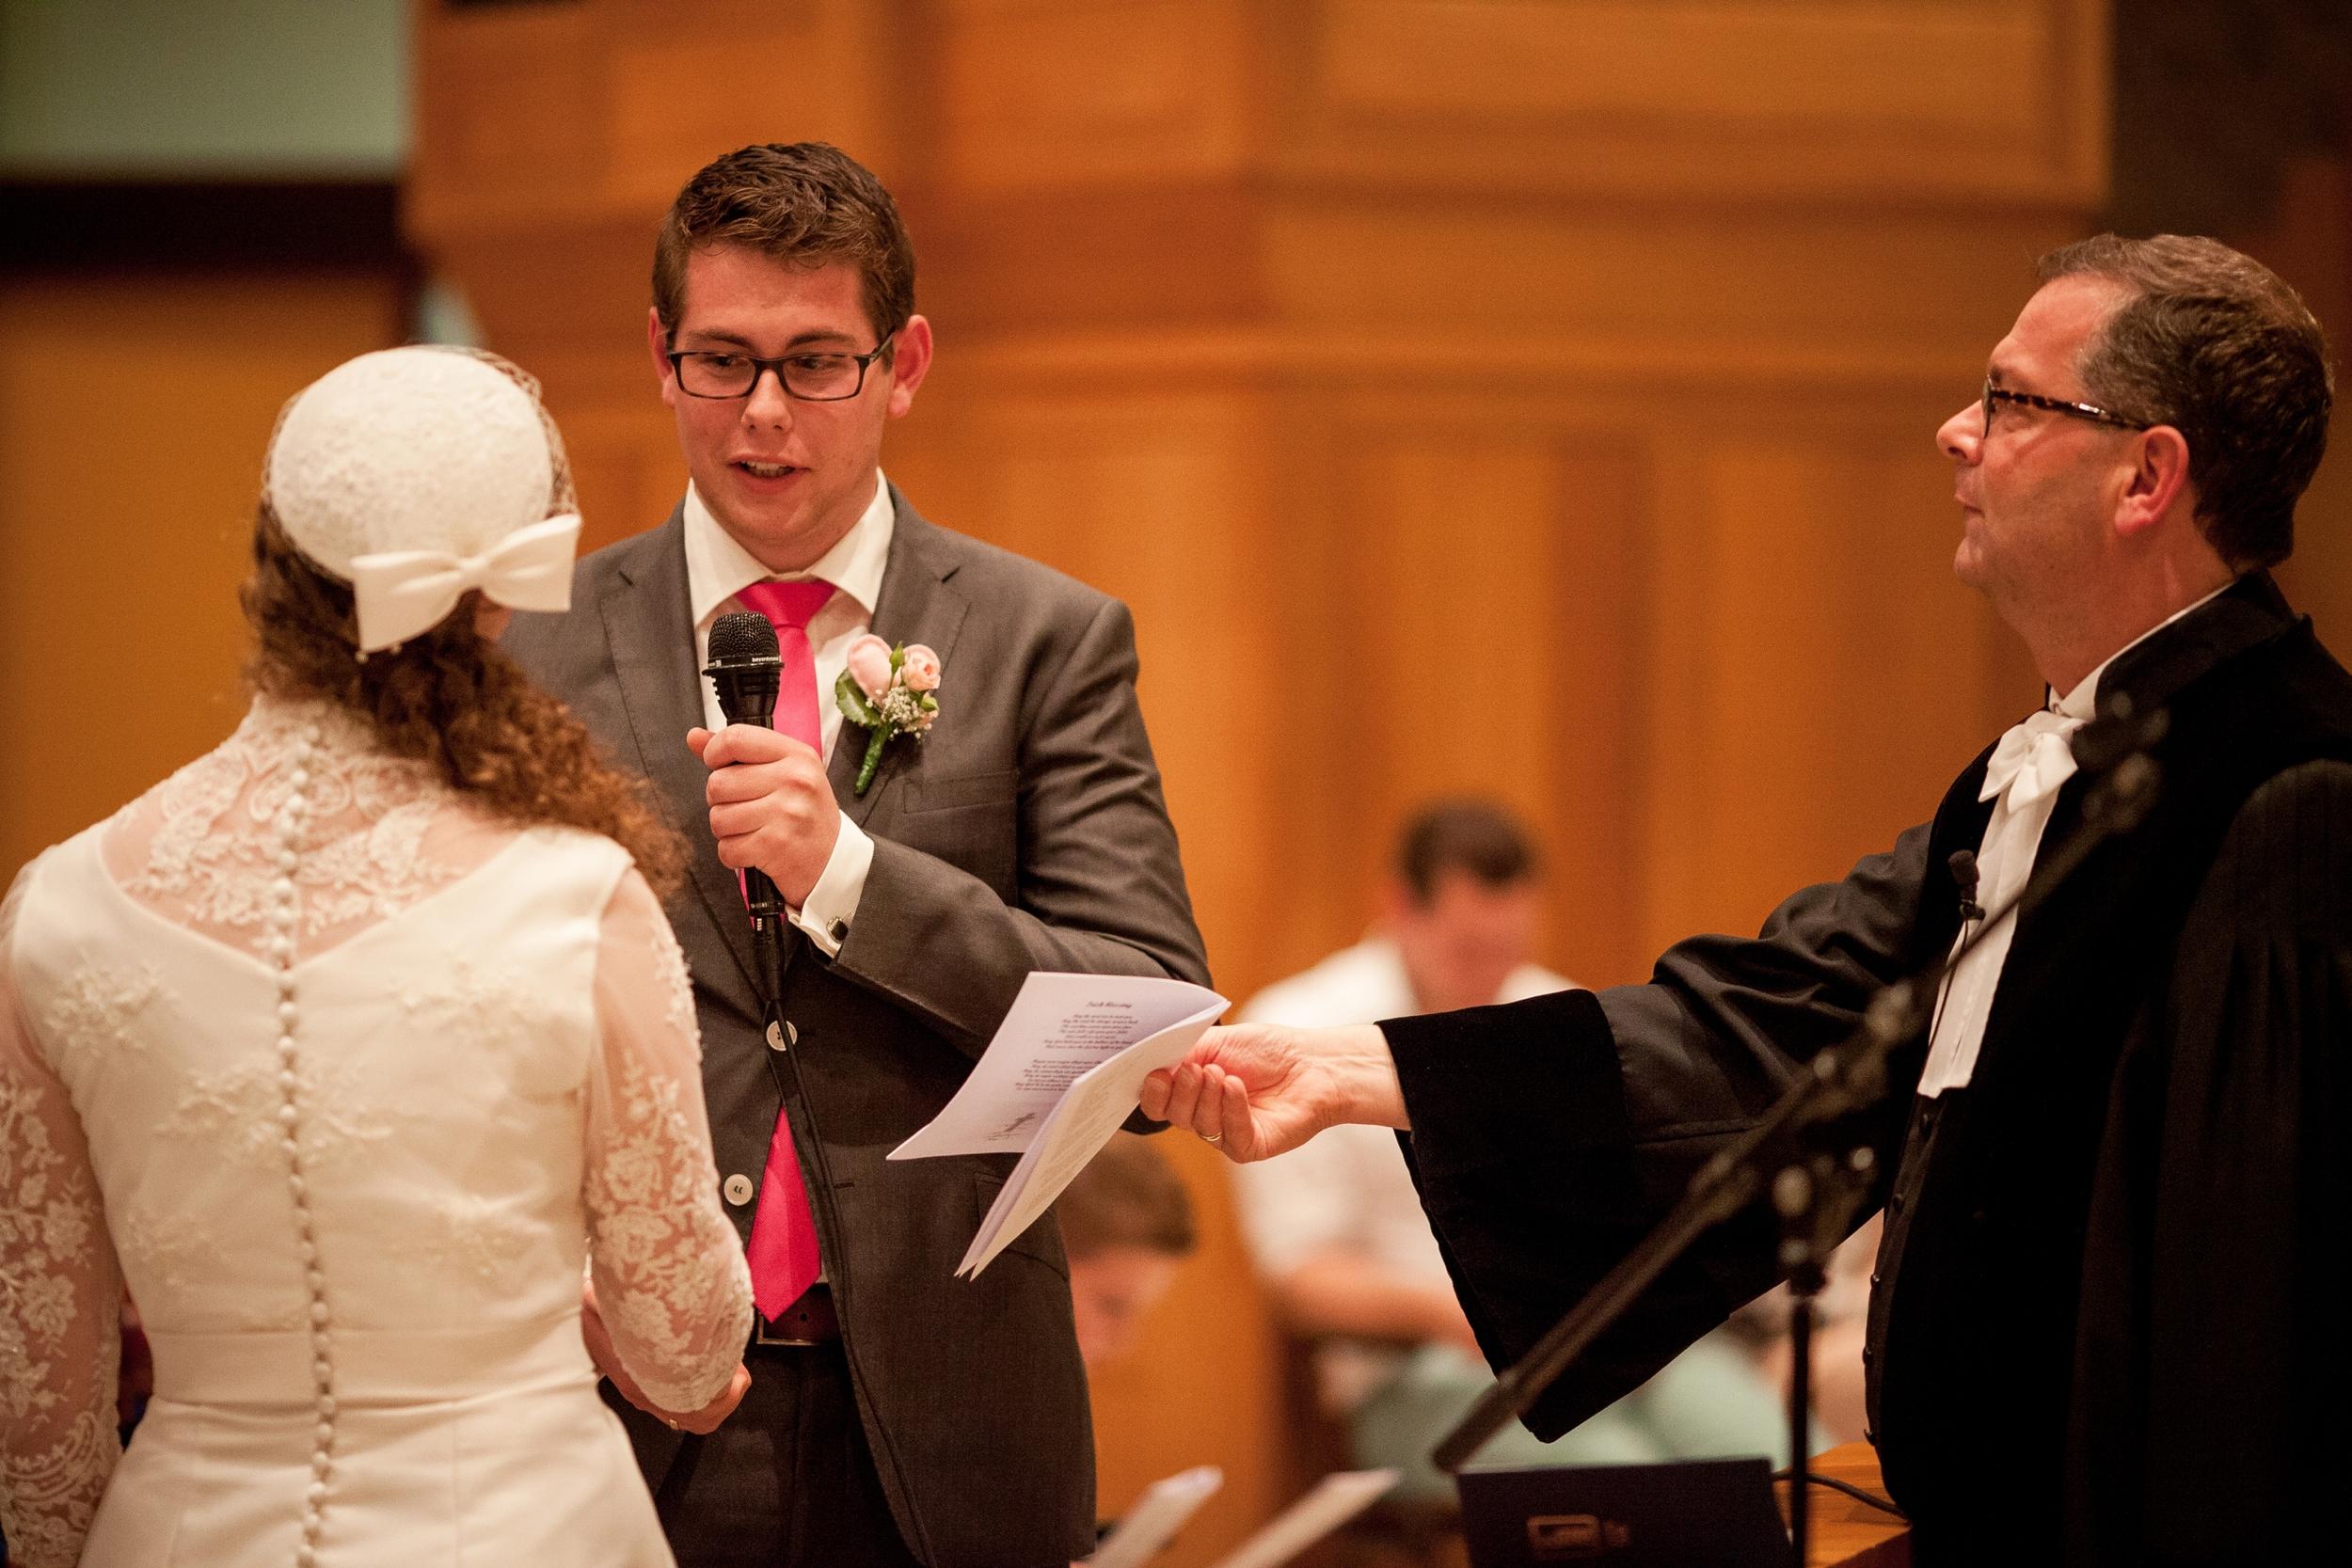 bruidsfotograaf-ede-utrecht-trouwfotograaf-trouwen-bruiloft_0276.jpg